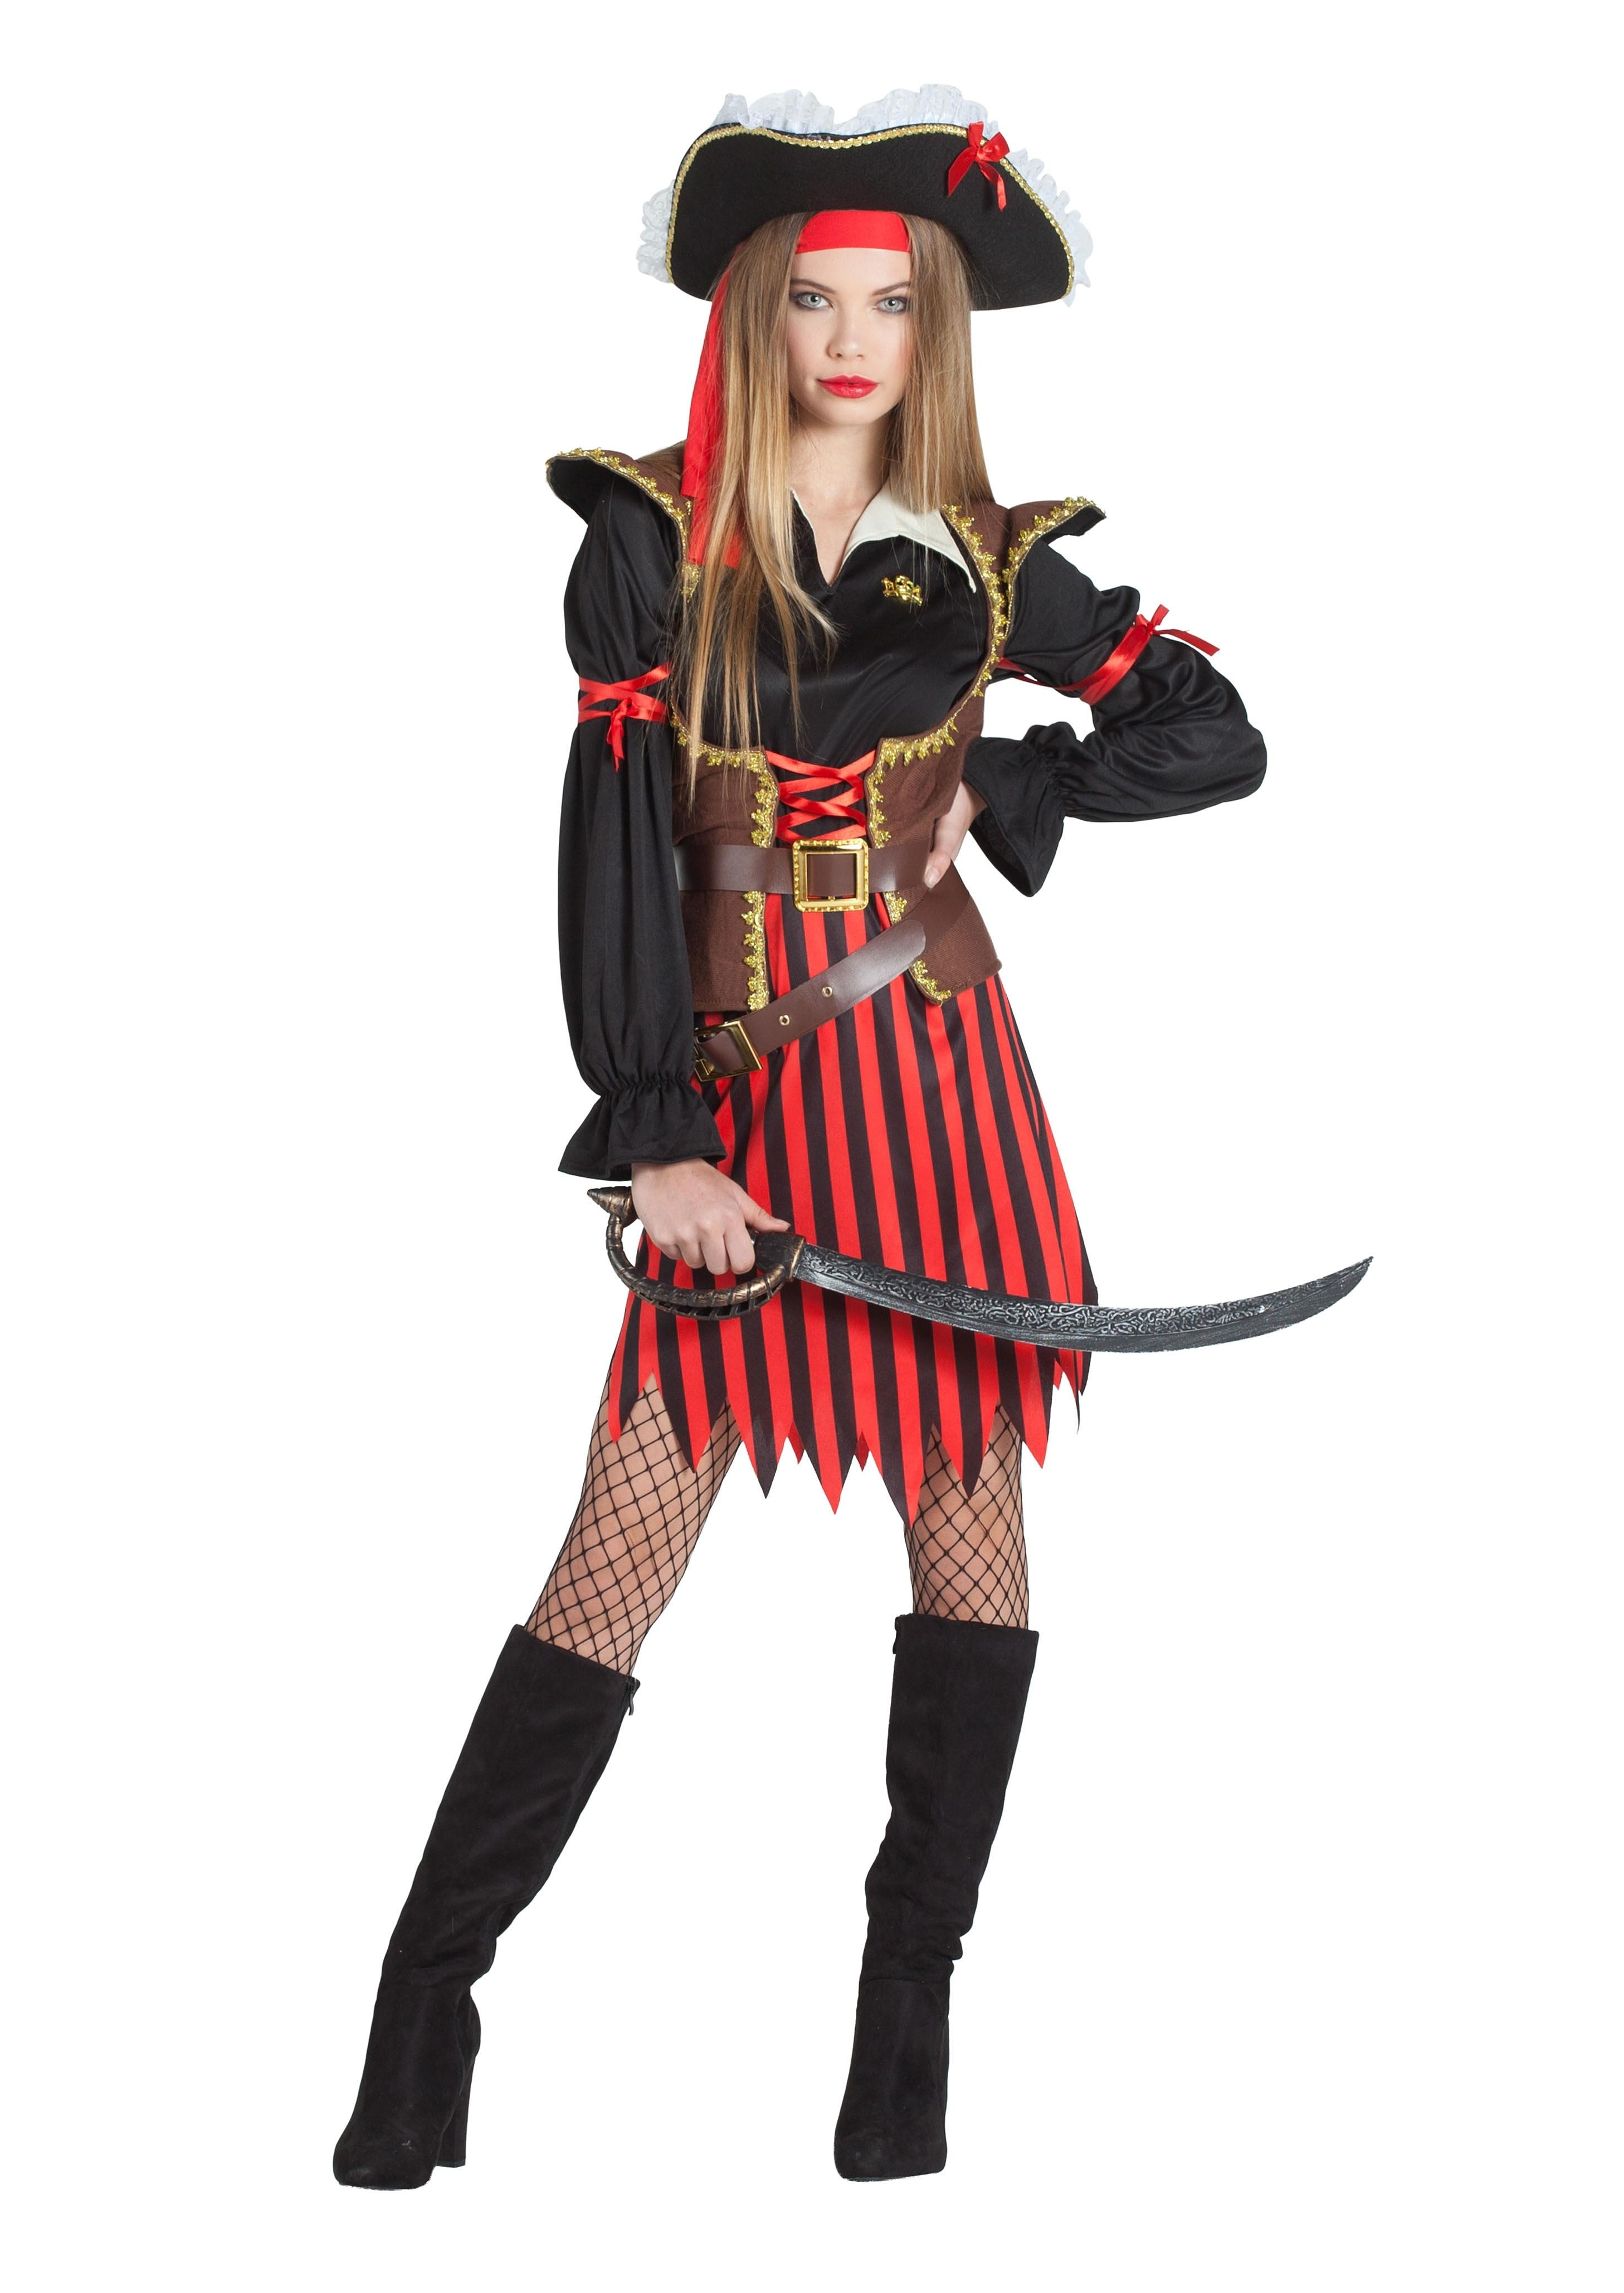 eebf036a9 El Carnaval Disfraz piratina TM Disfraces y accesorios Juguetes y juegos